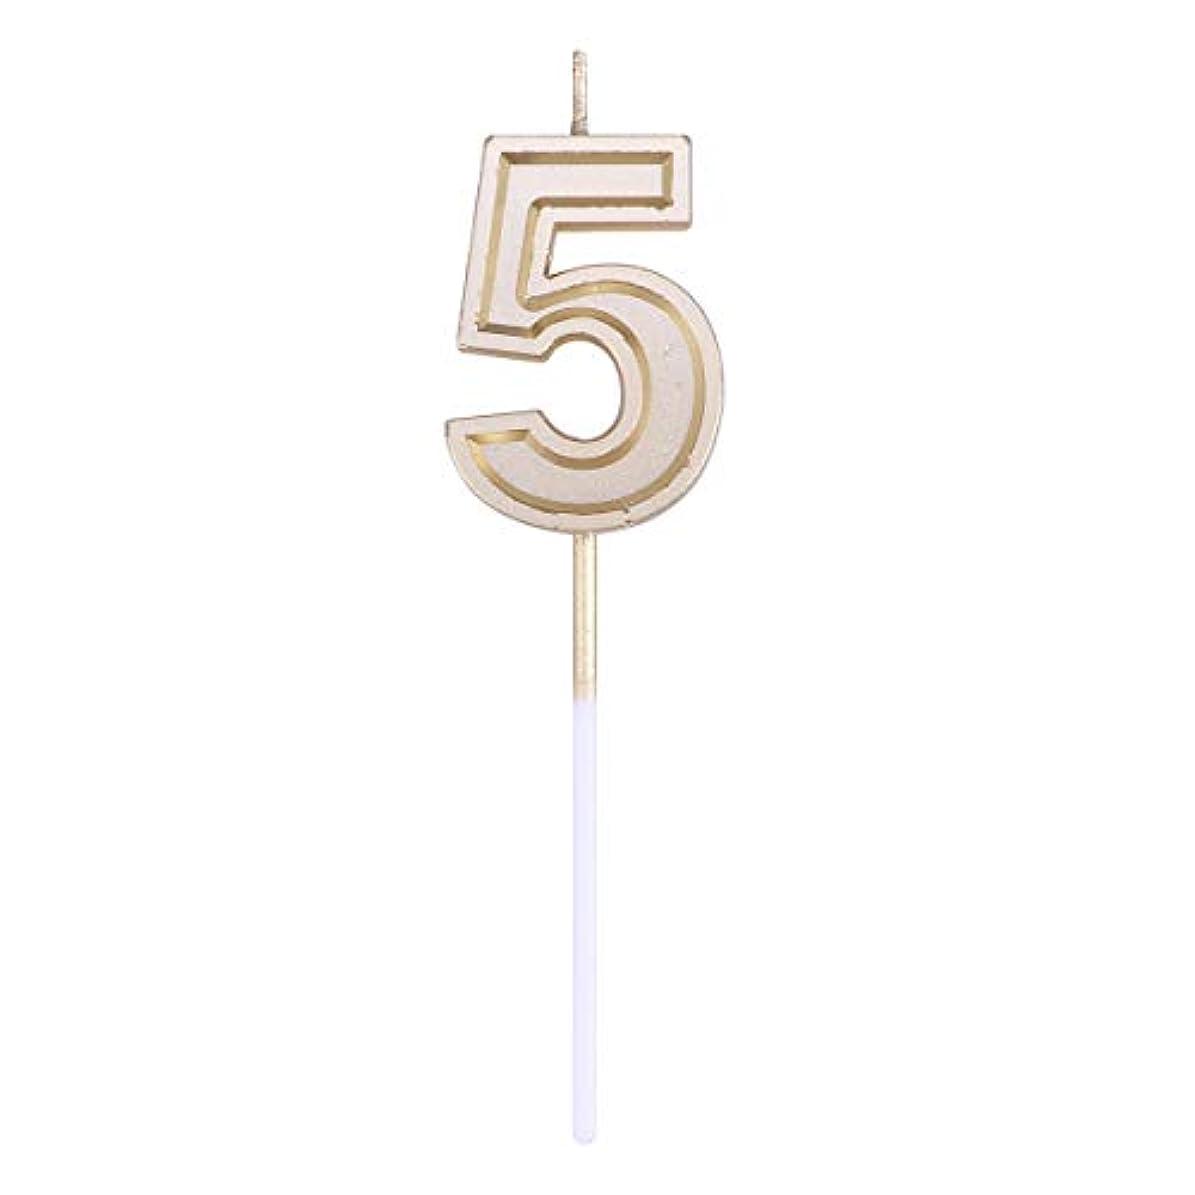 建築契約した競争力のあるToyvian ゴールドラメ誕生日おめでとう数字キャンドル番号キャンドルケーキトッパー装飾用大人キッズパーティー(5)